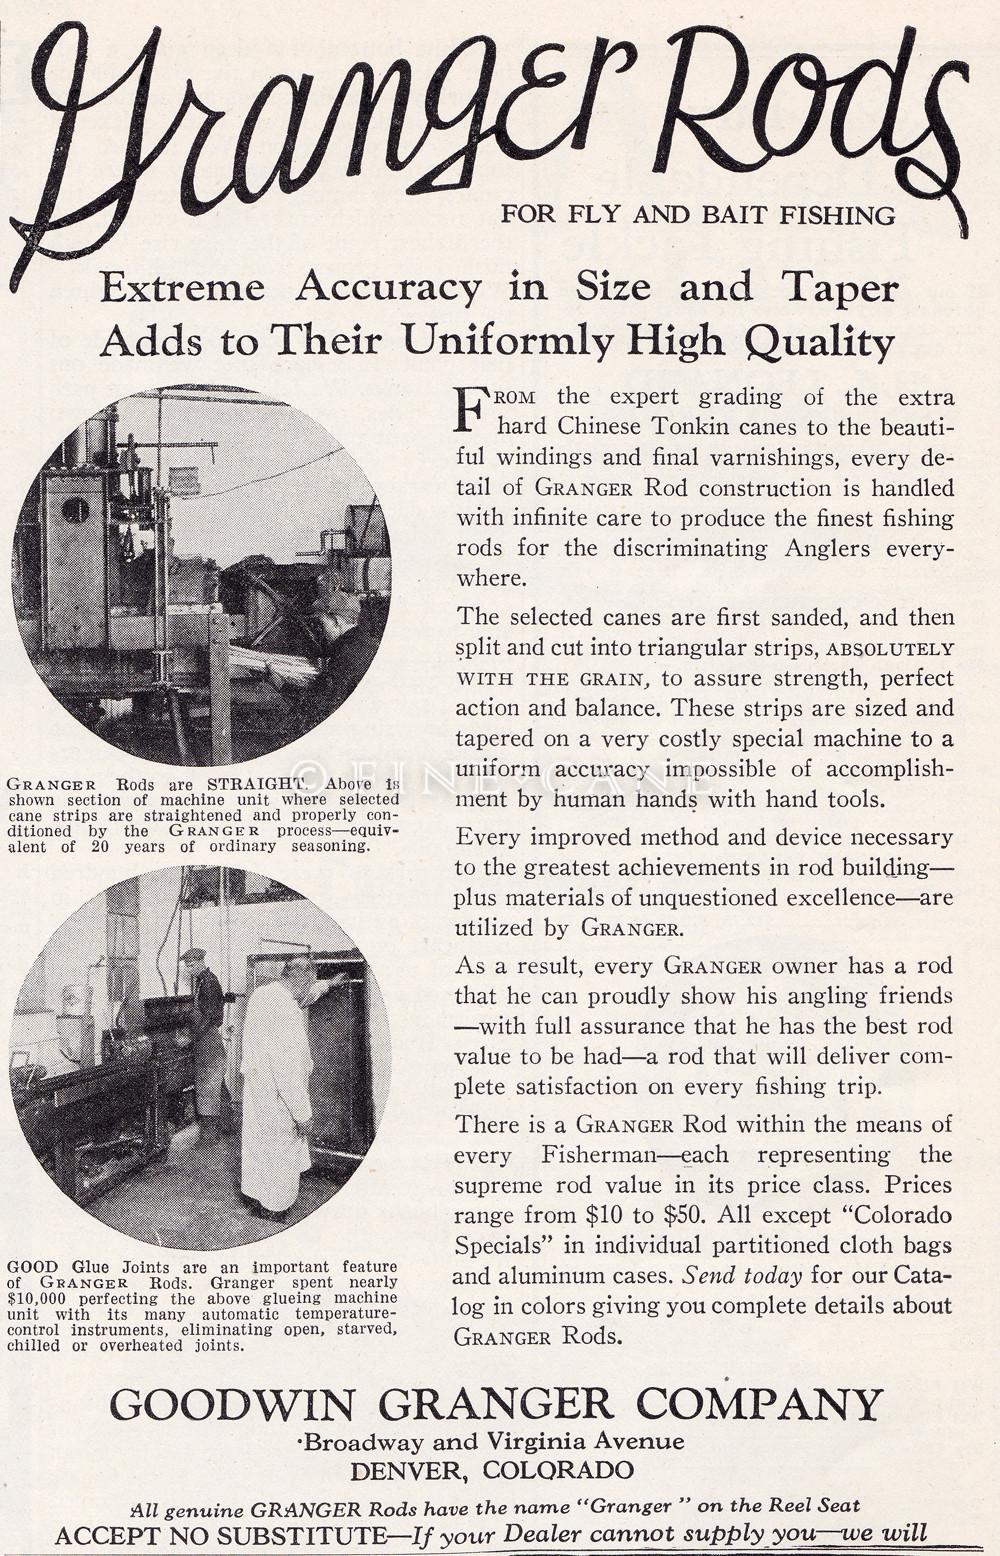 March 1928 Field & Stream Ad